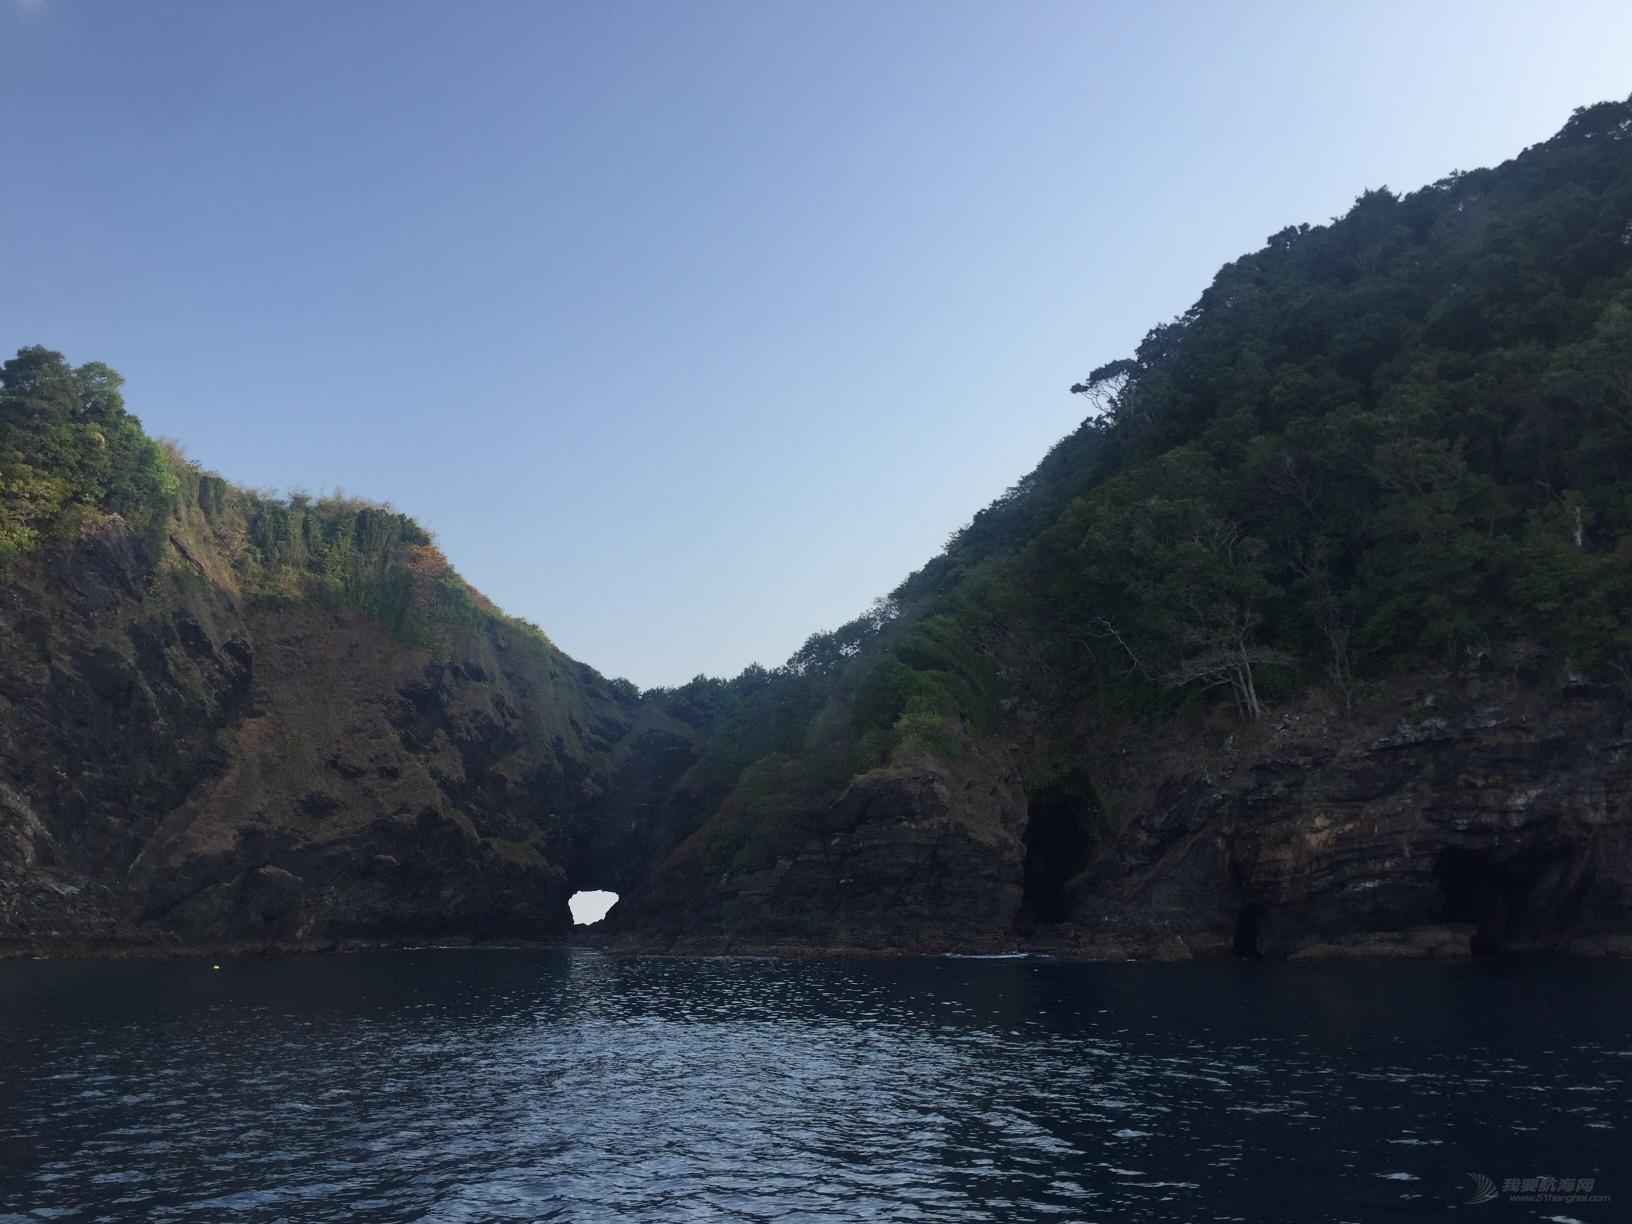 与琼同行—从Krabi到Ranong的探索之行(5)